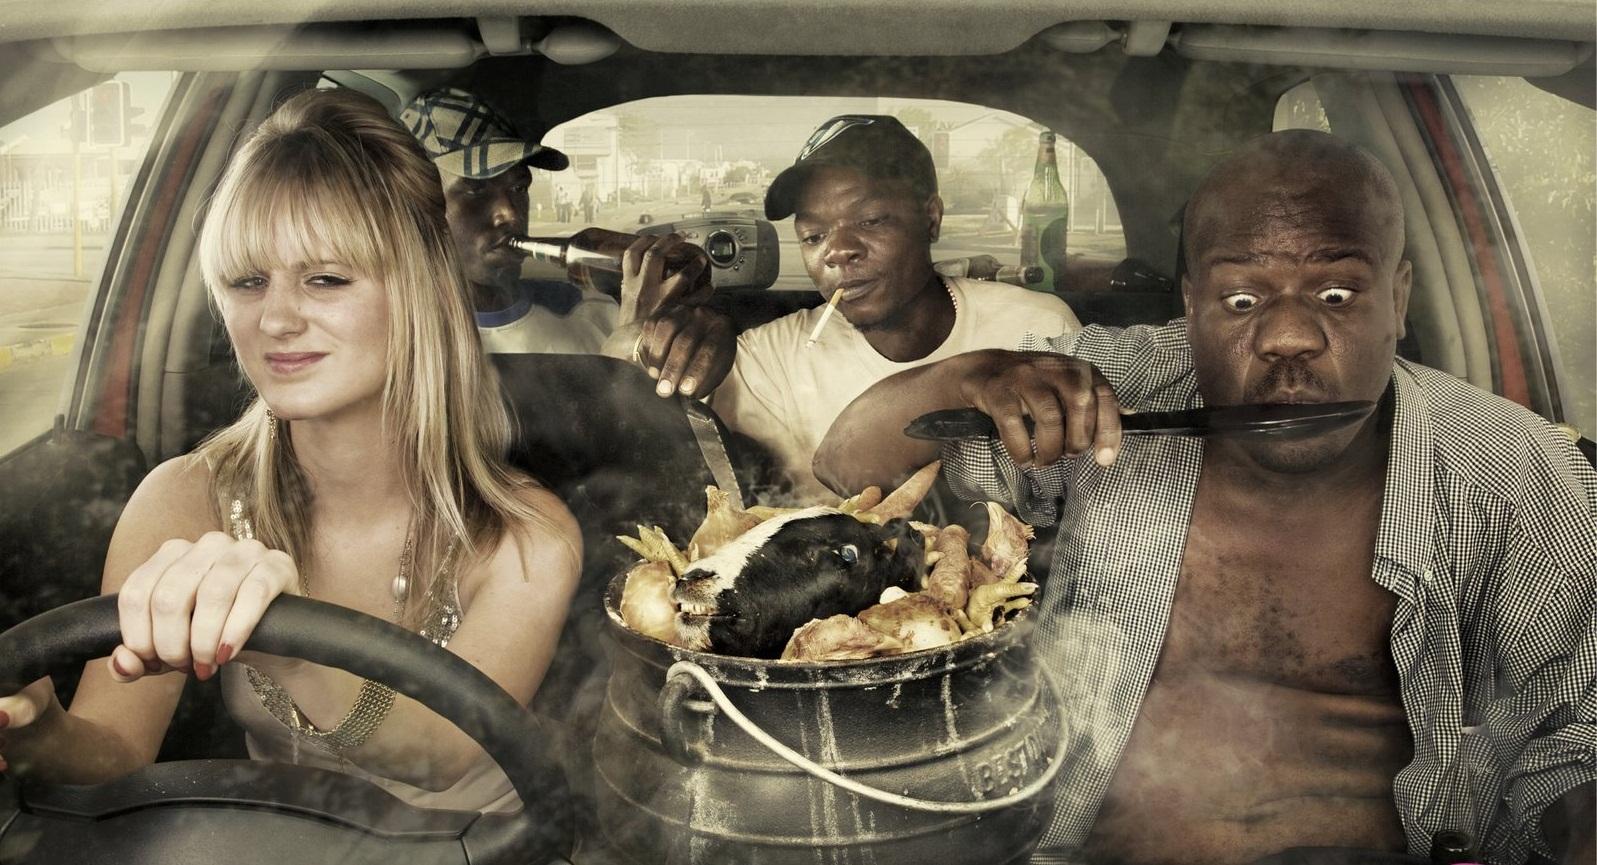 В Киеве таксист выгнал пассажиров из авто за то, что они ели печенье